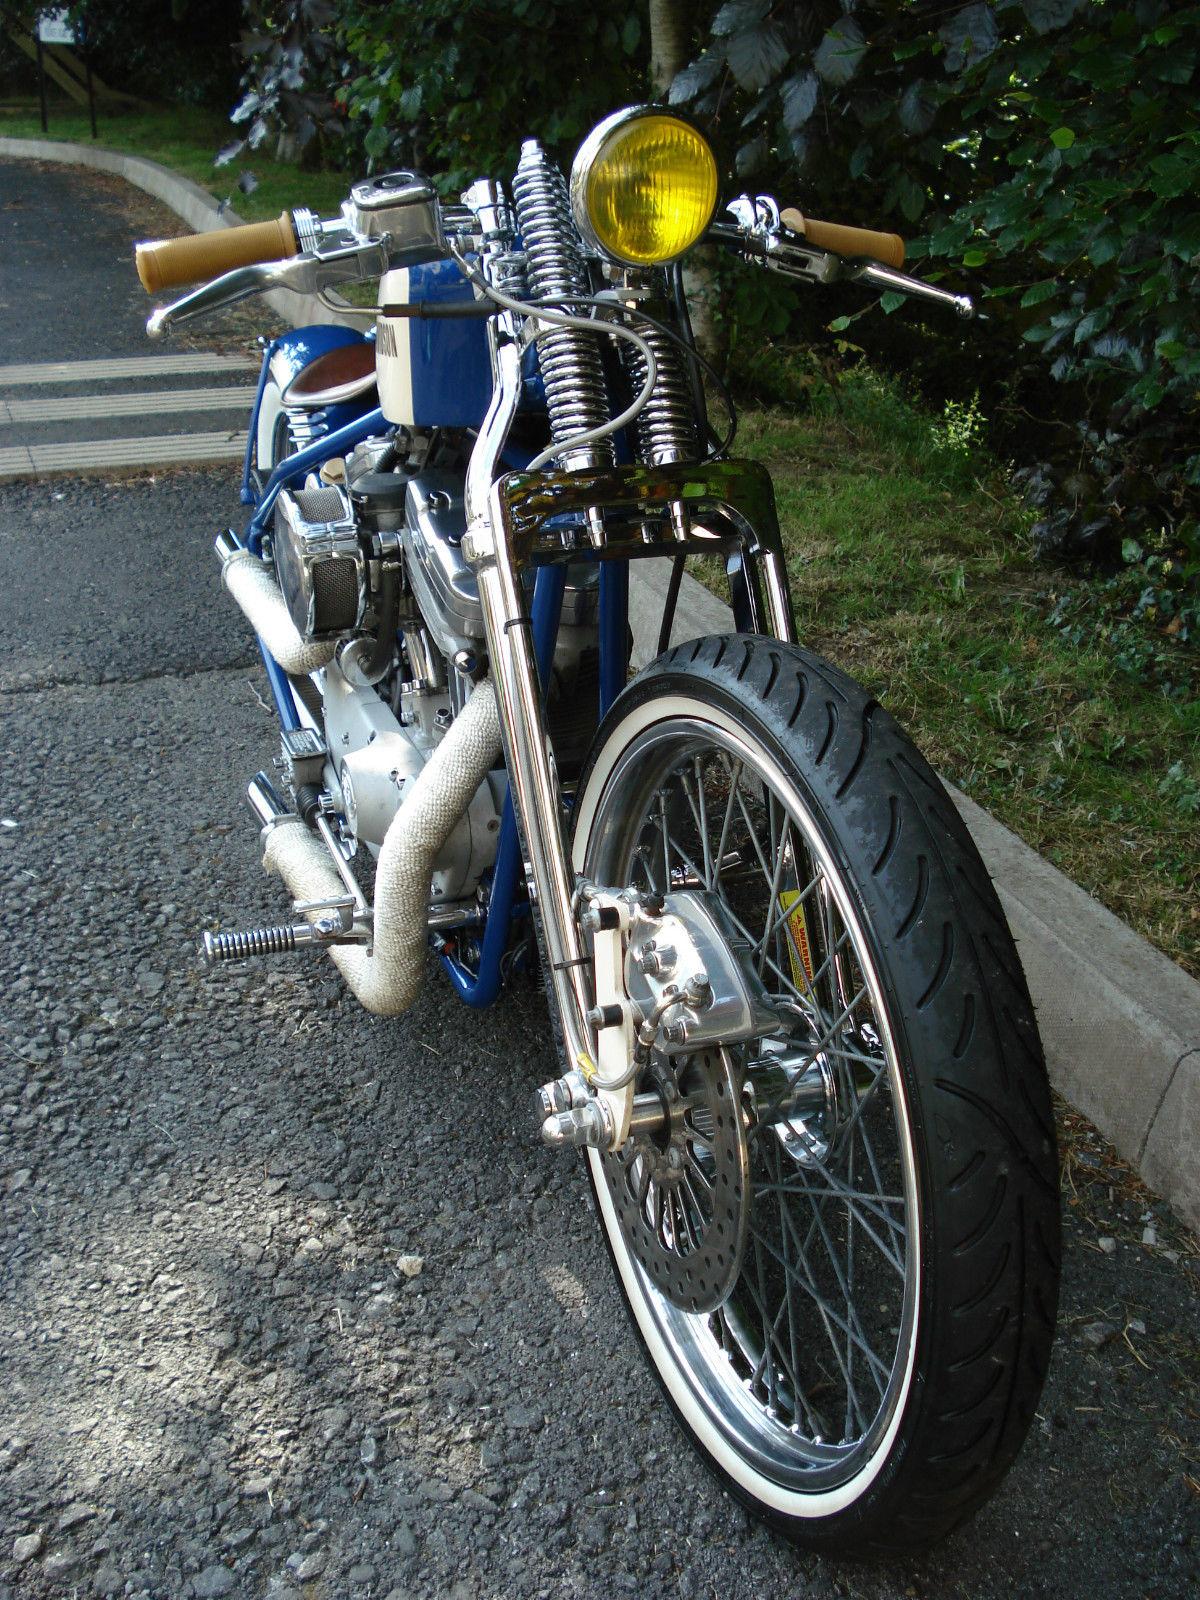 hb-xl-883C-sportster-bobber-03